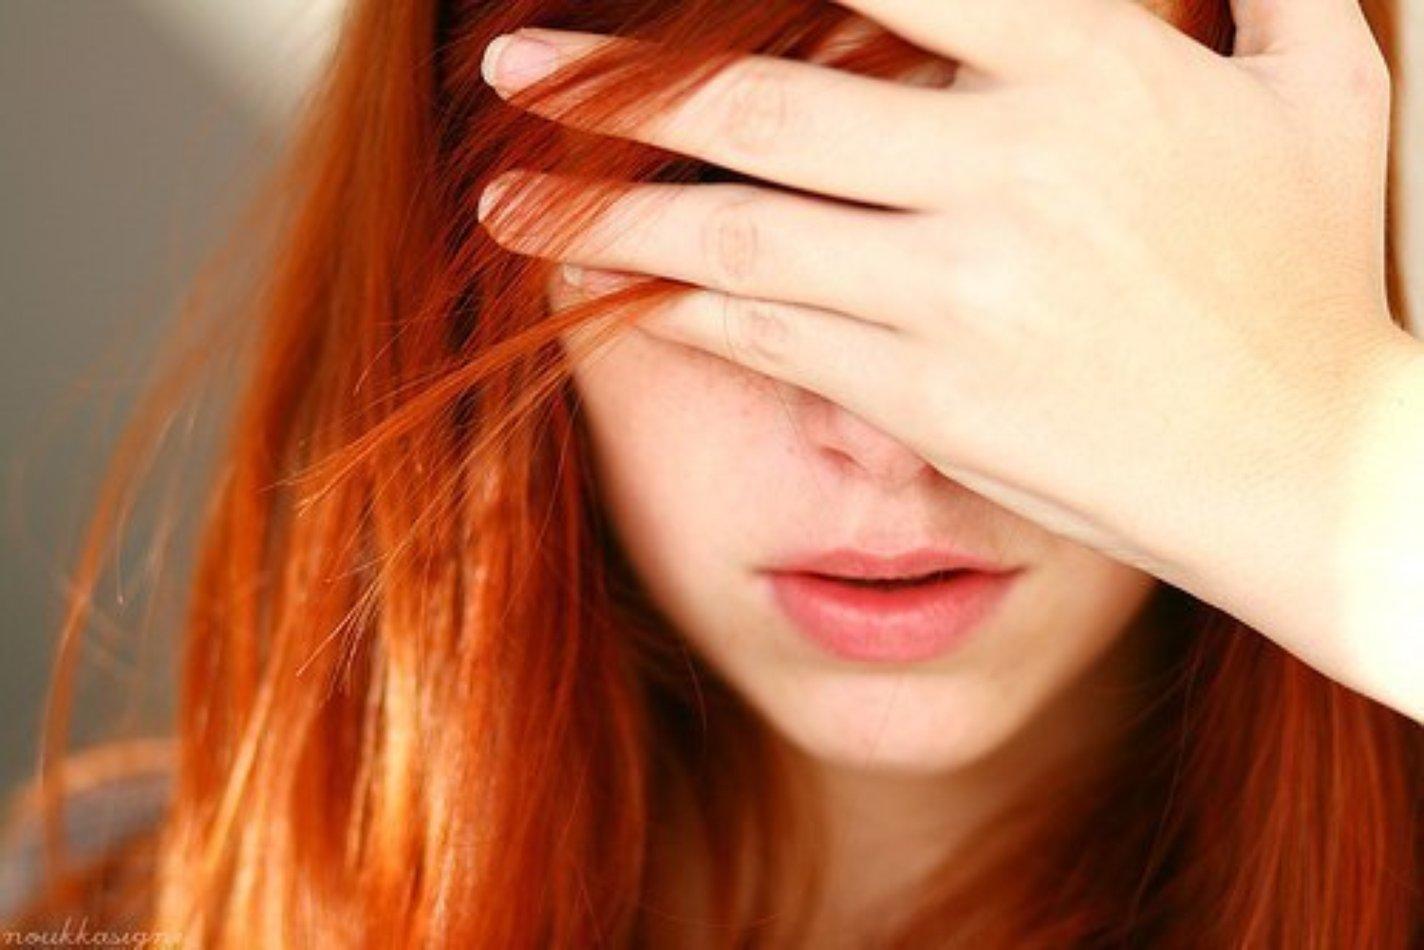 Рыжие девушки без лица 11 фотография